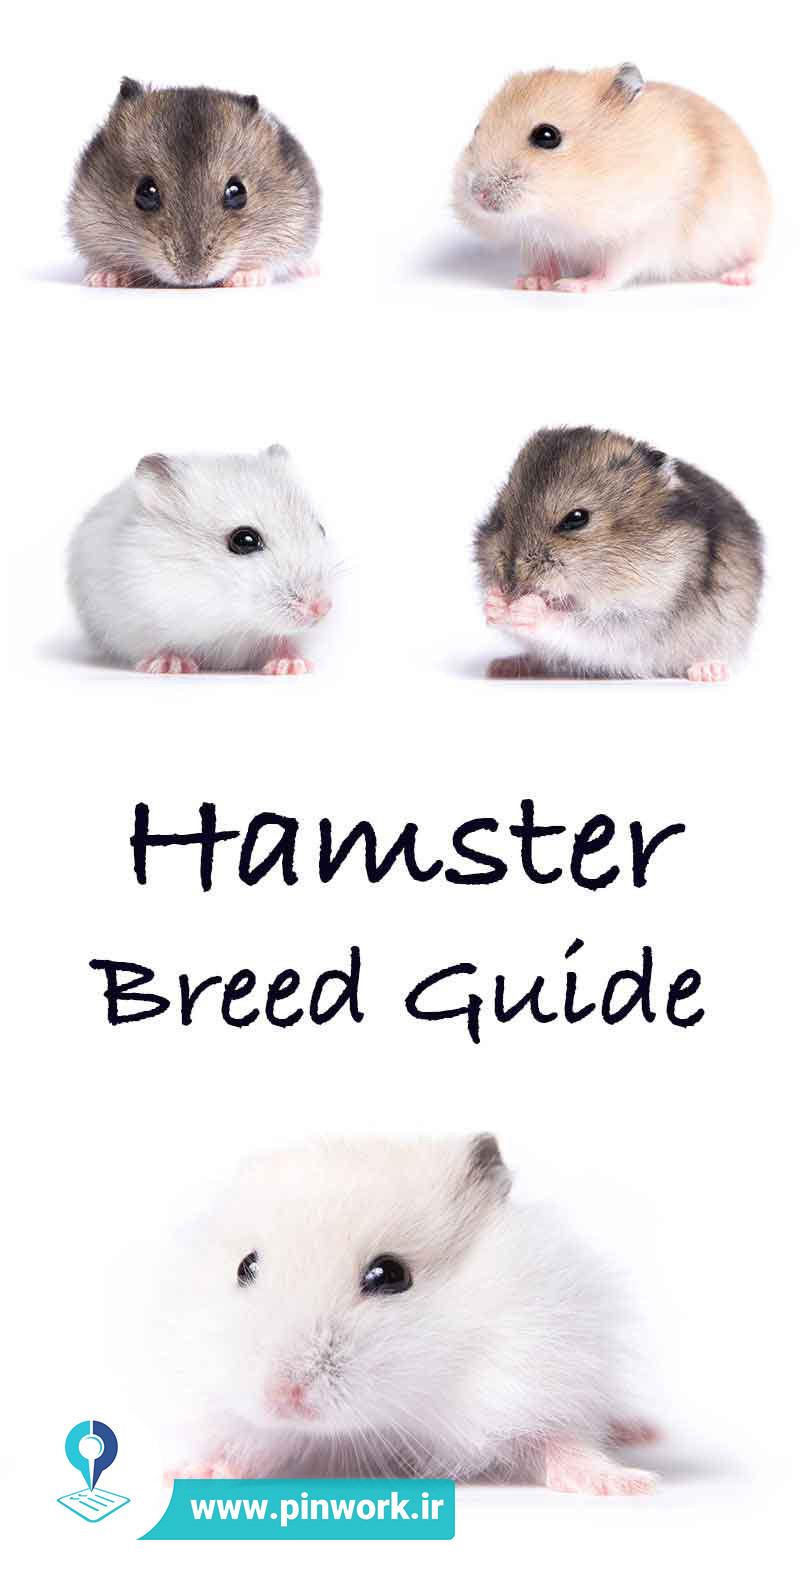 همسترها